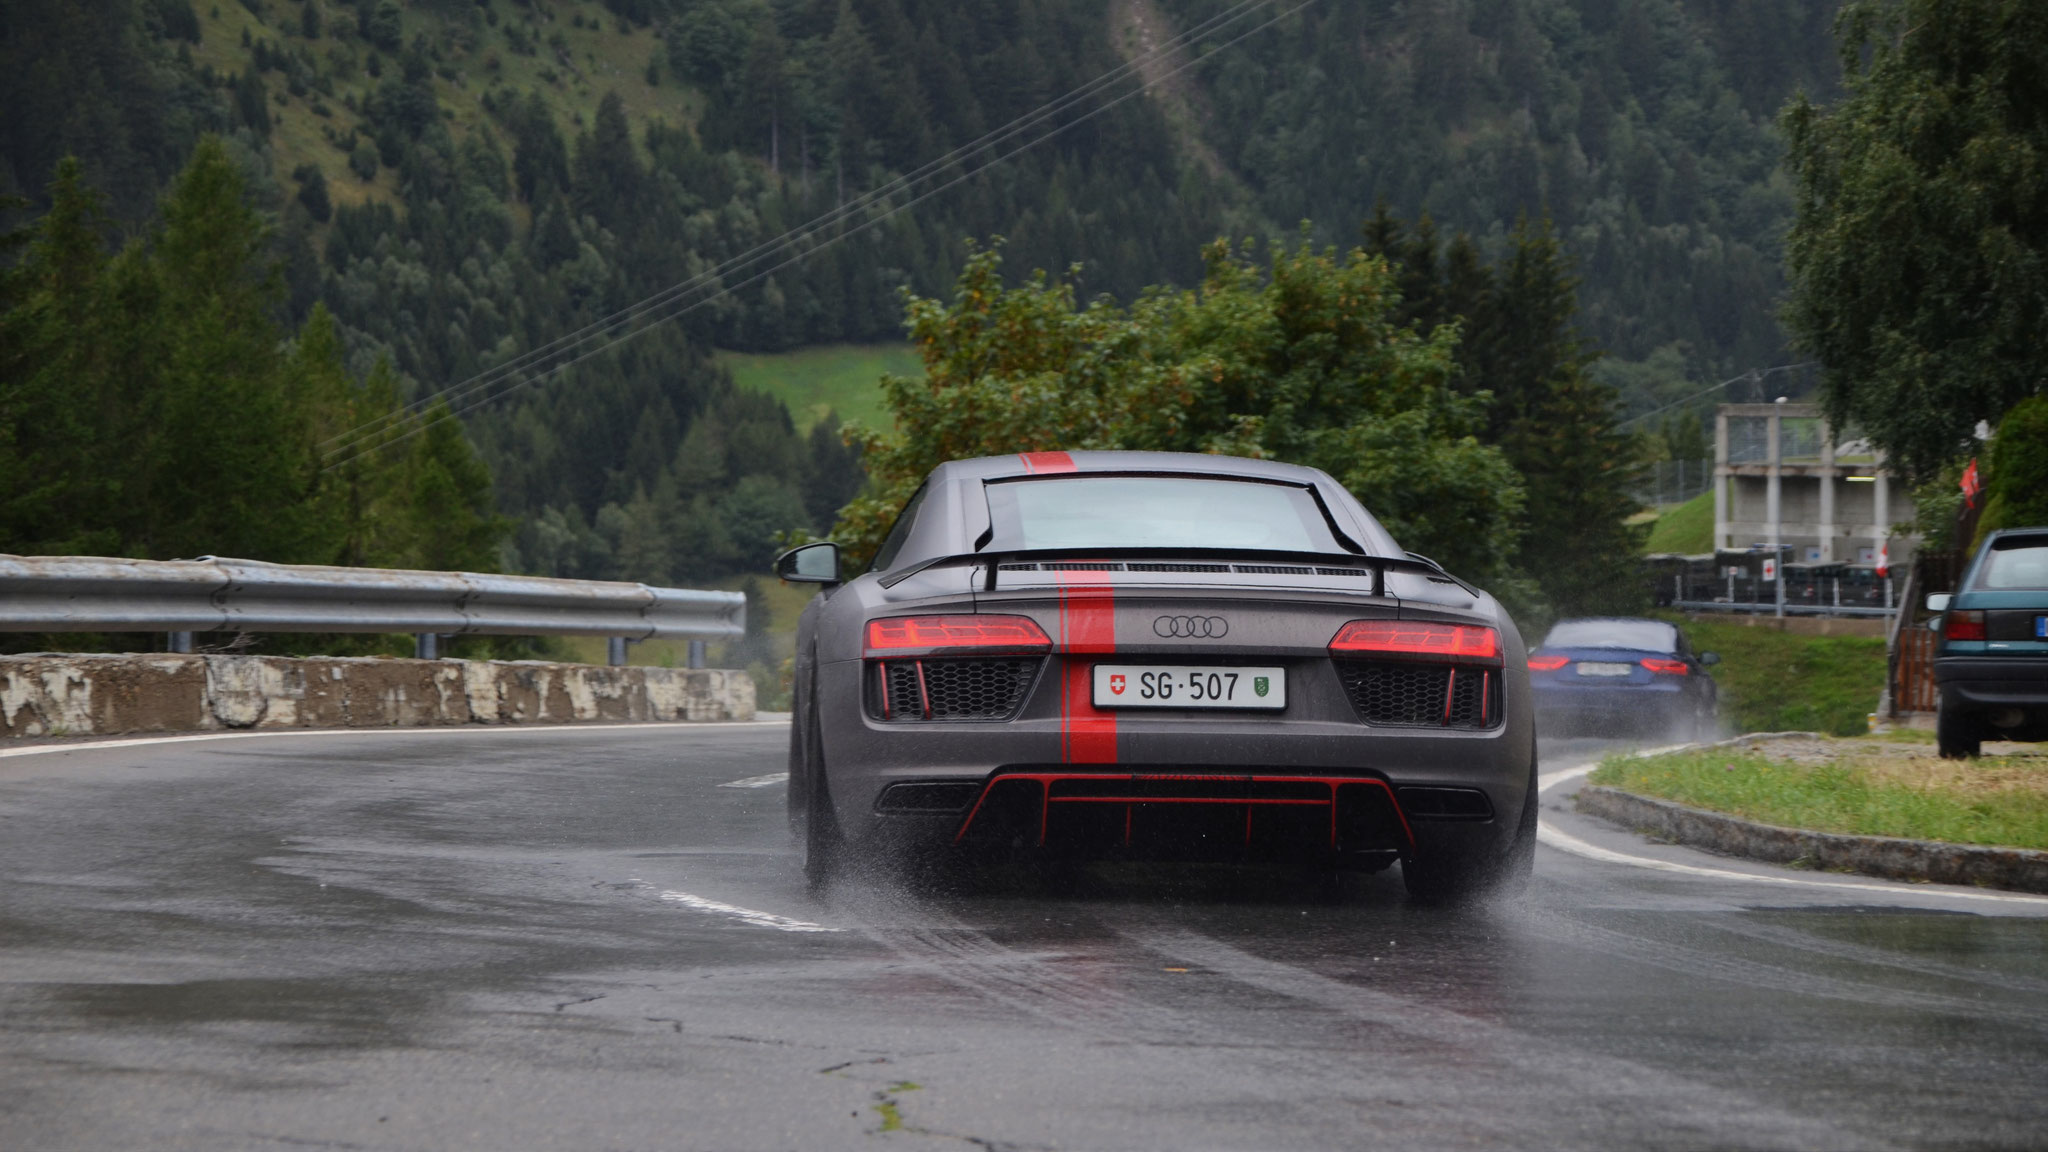 Audi R8 V10 RWD - SG-507 (CH)